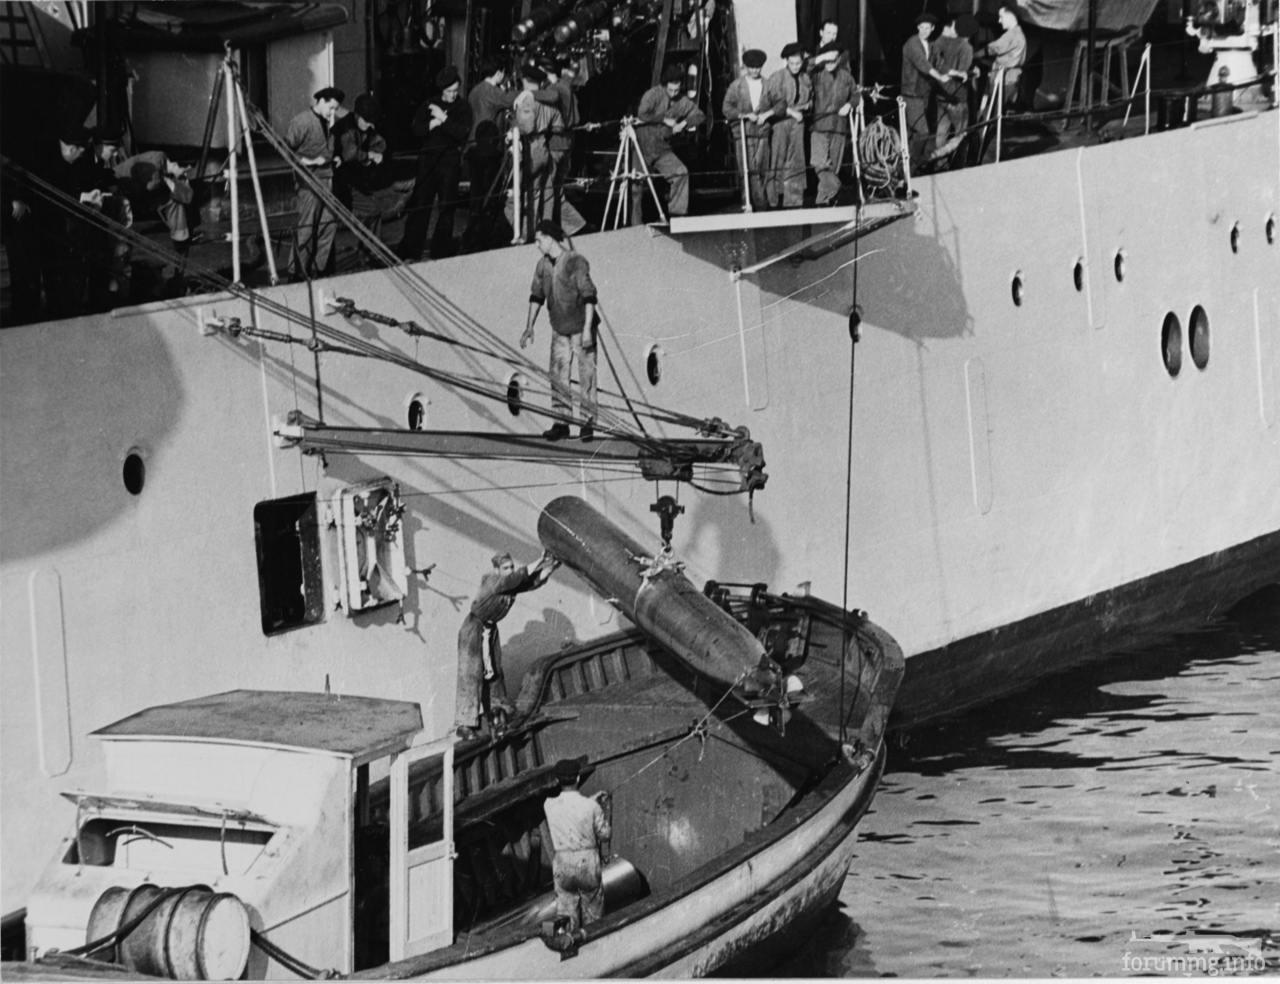 116613 - Пополнение боезапаса на тяжелом крейсере Trento - погрузка торпеды через бортовой люк.